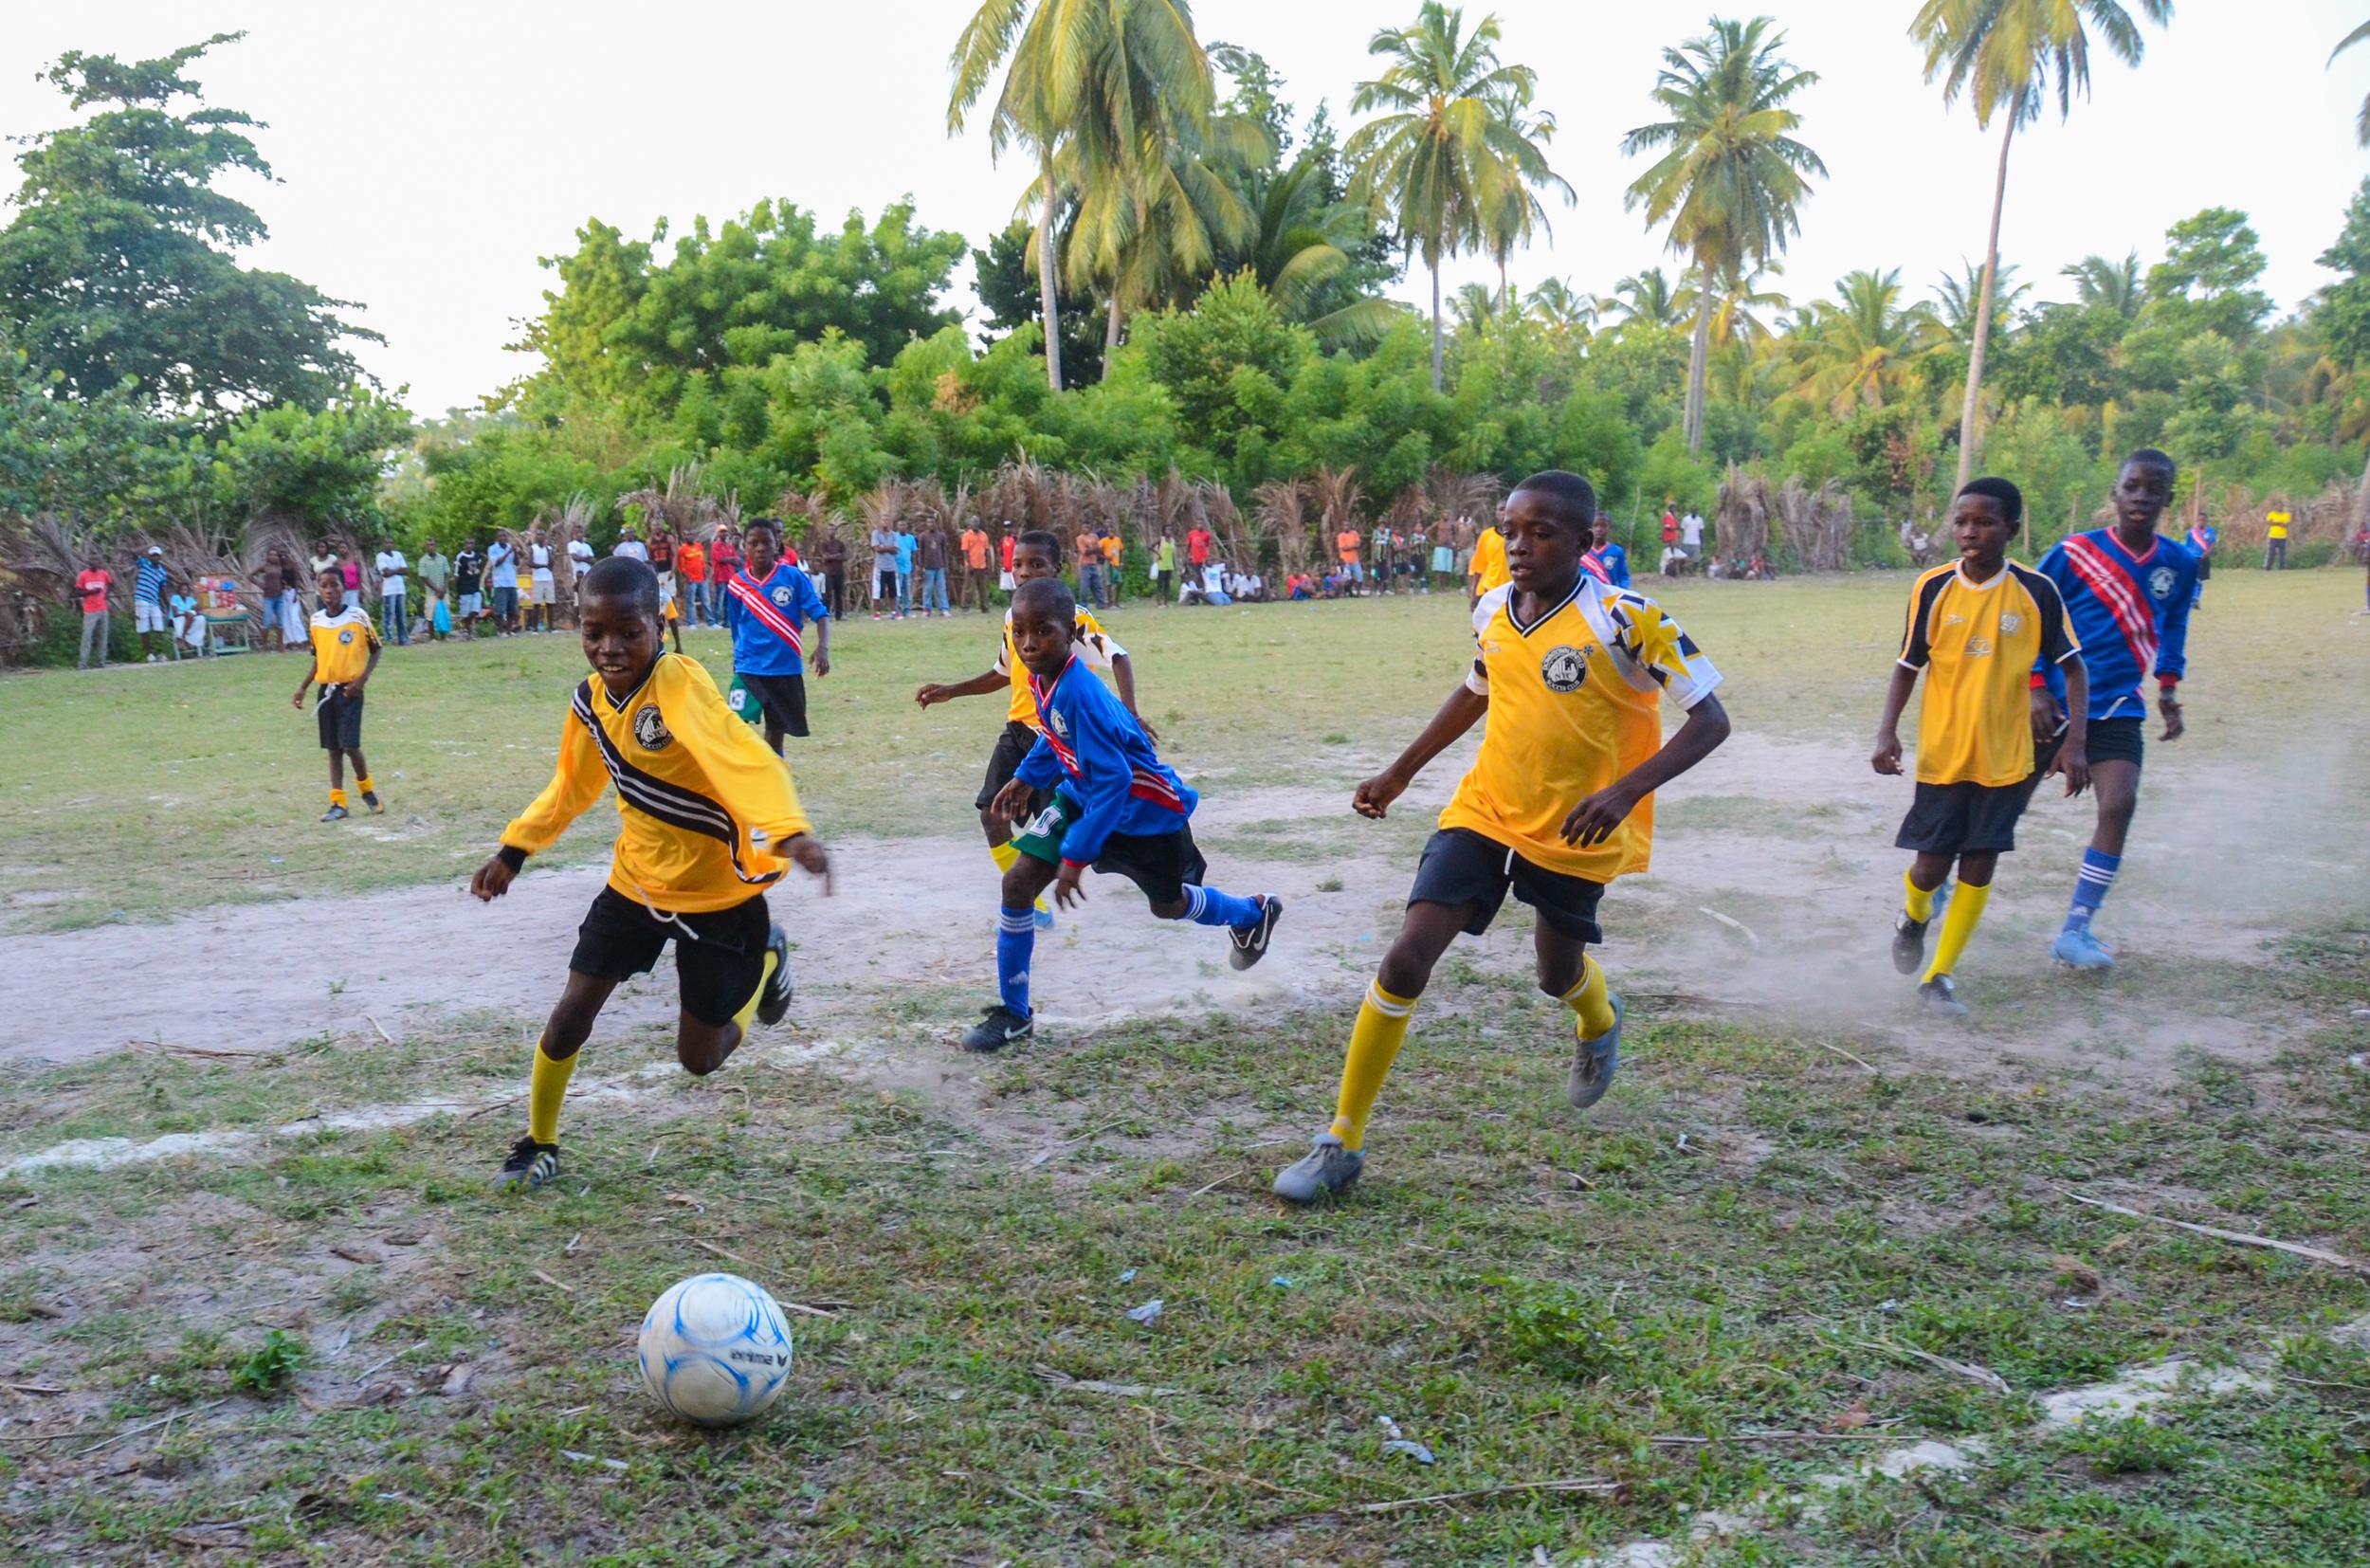 ayiti_haiti_football_spiritedpursuit